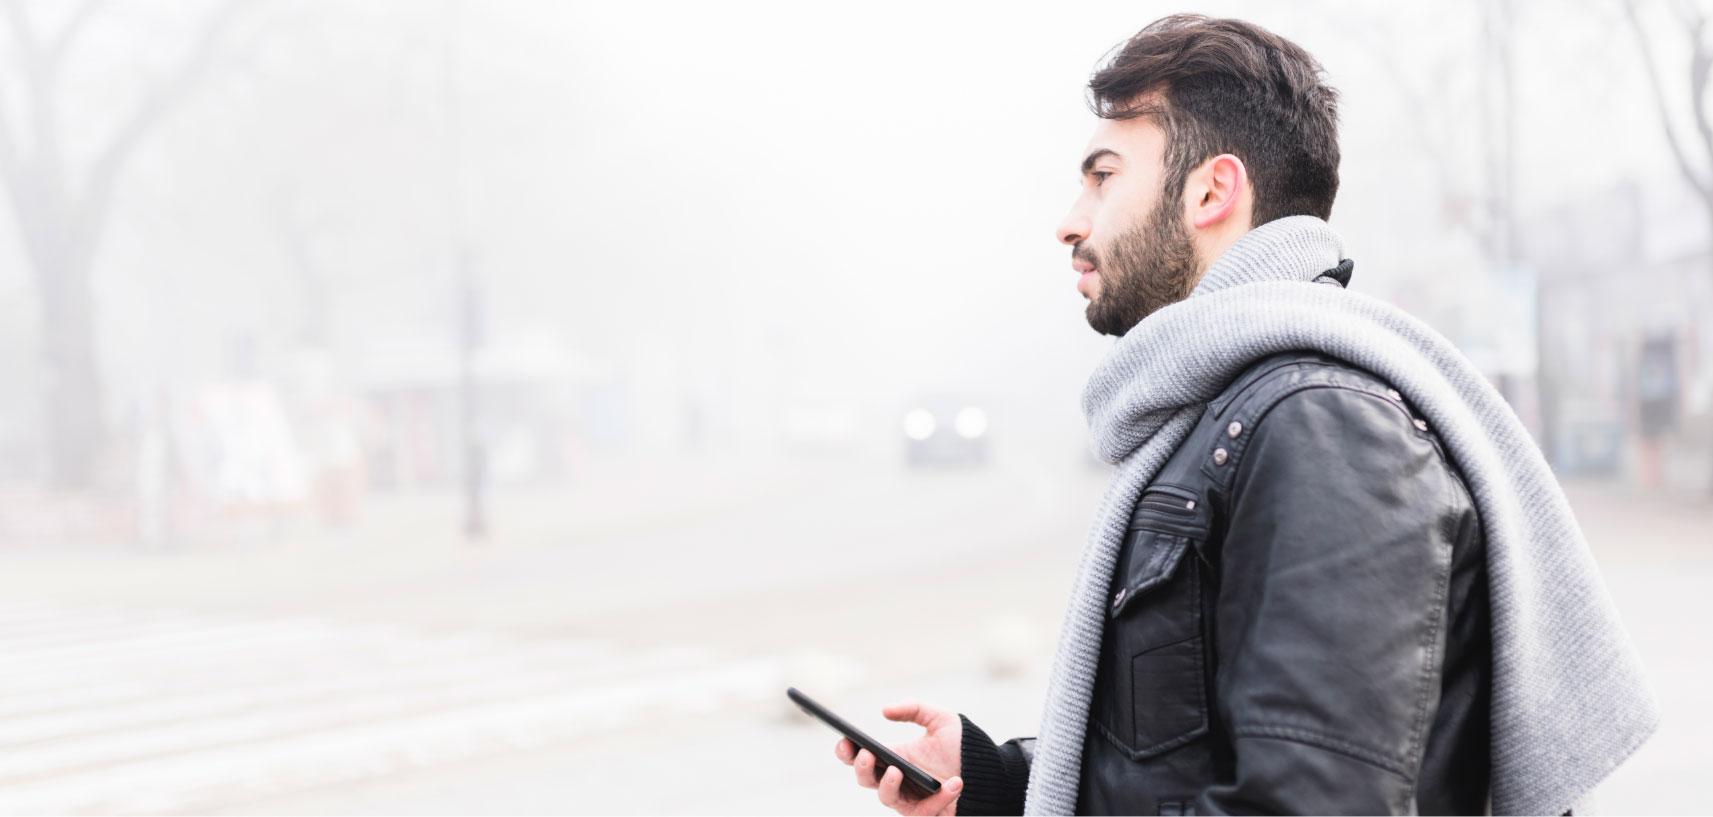 Mann mit Schal benutzt Handy